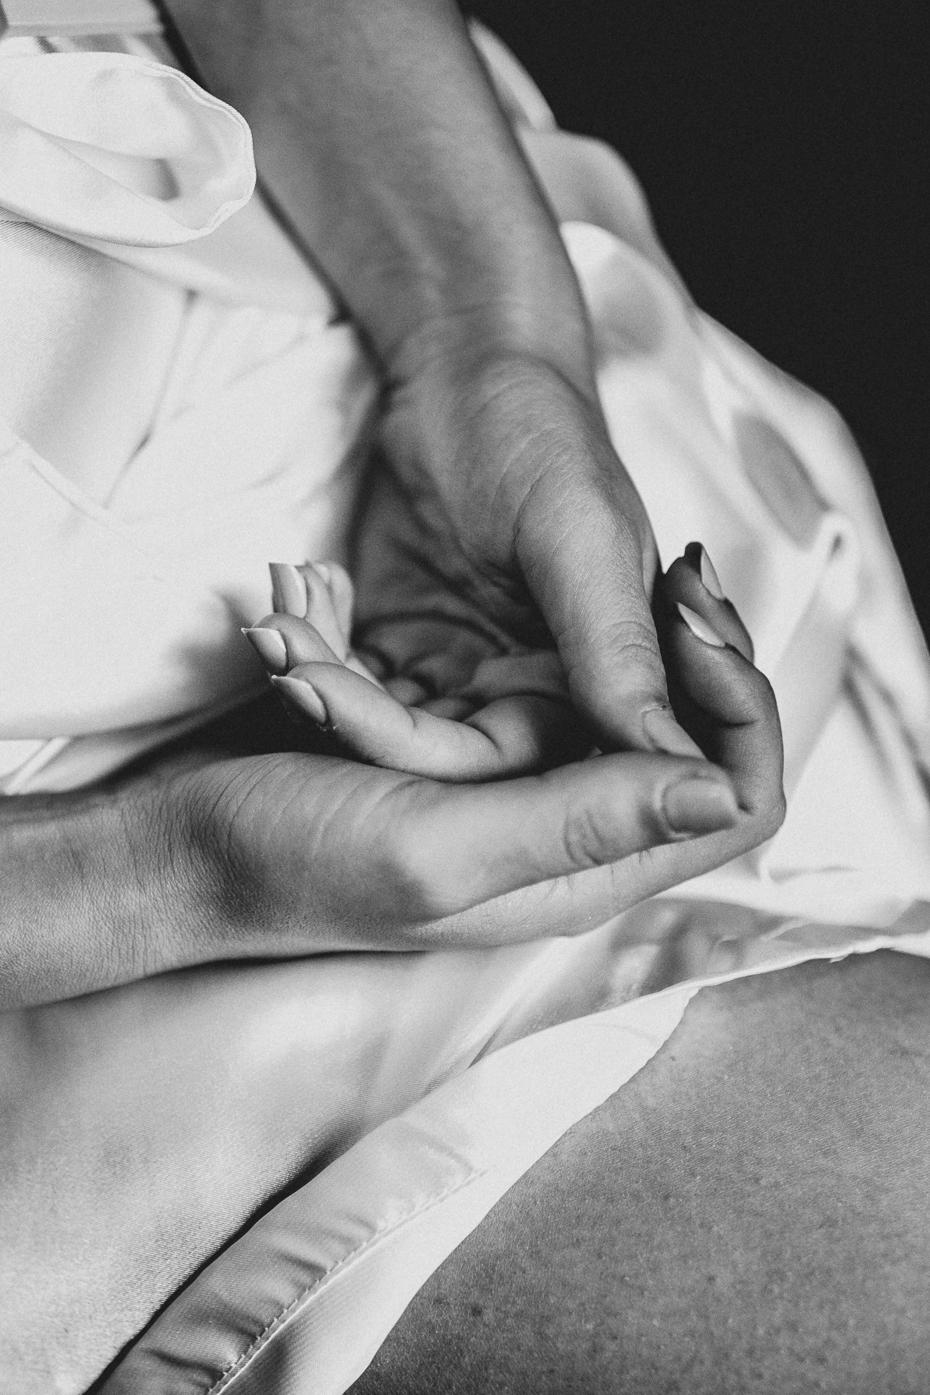 heiraten-in-rom-detail-haende-sw-360